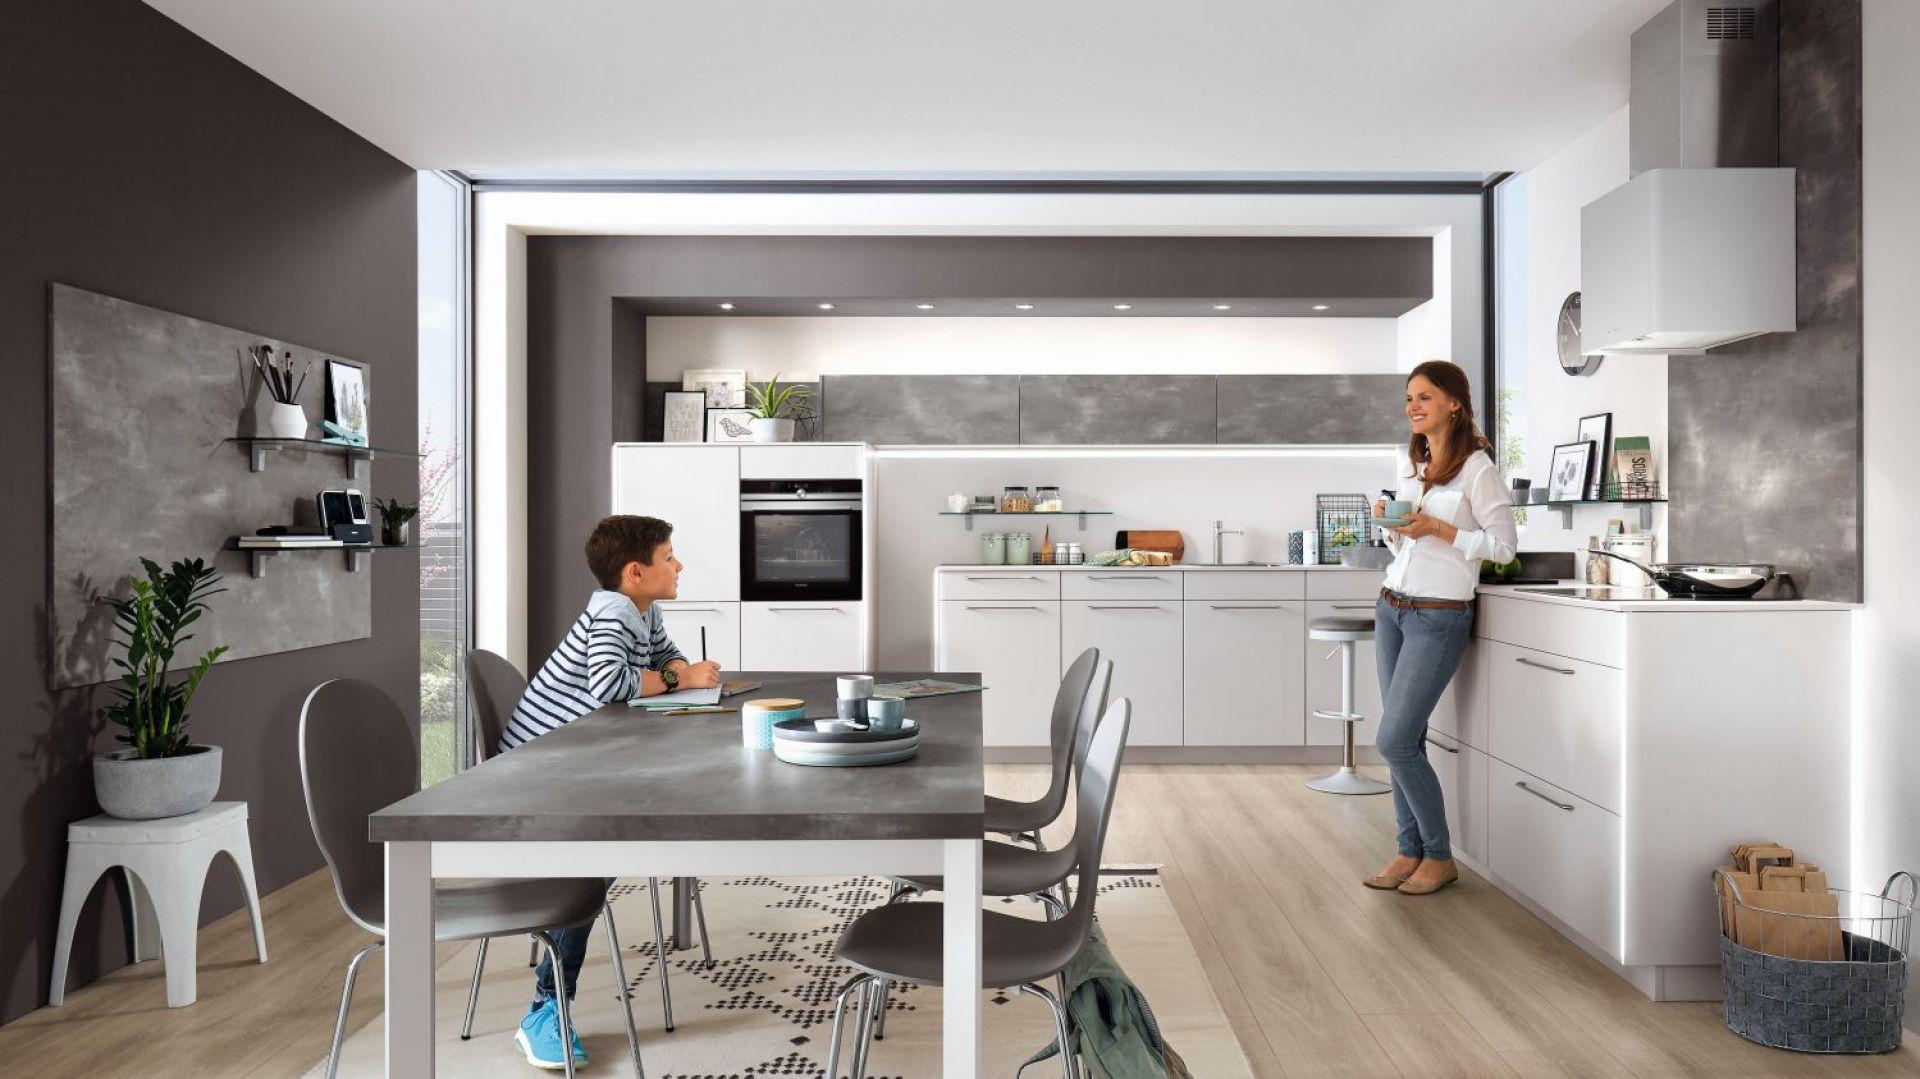 Kuchnia Fashion 171 to propozycja do wnętrz wielofunkcyjnych. Fot. Verle Küchen